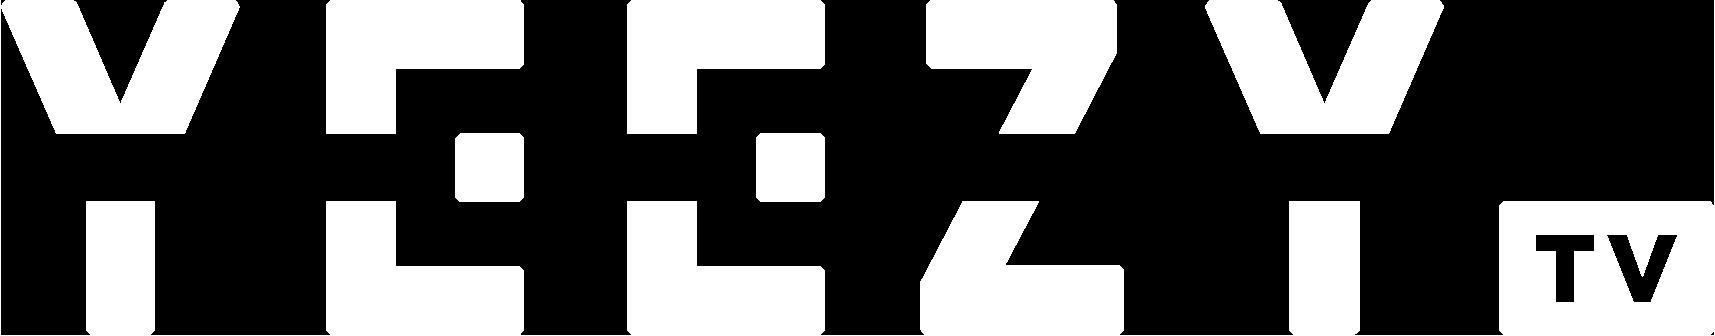 logo_YEEZYTV